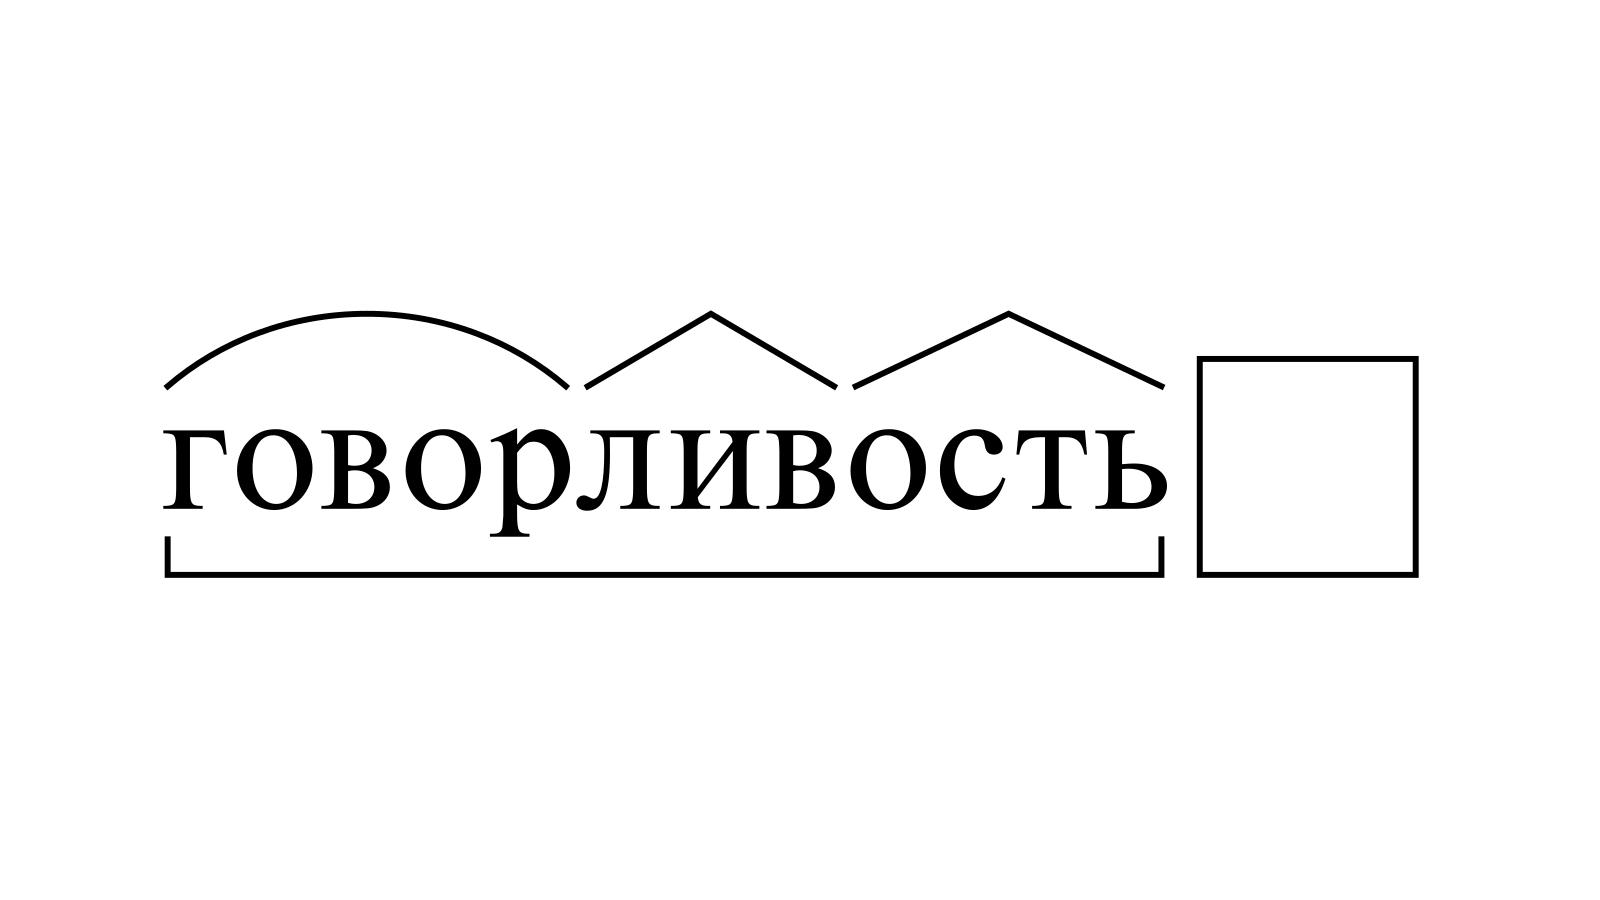 Разбор слова «говорливость» по составу